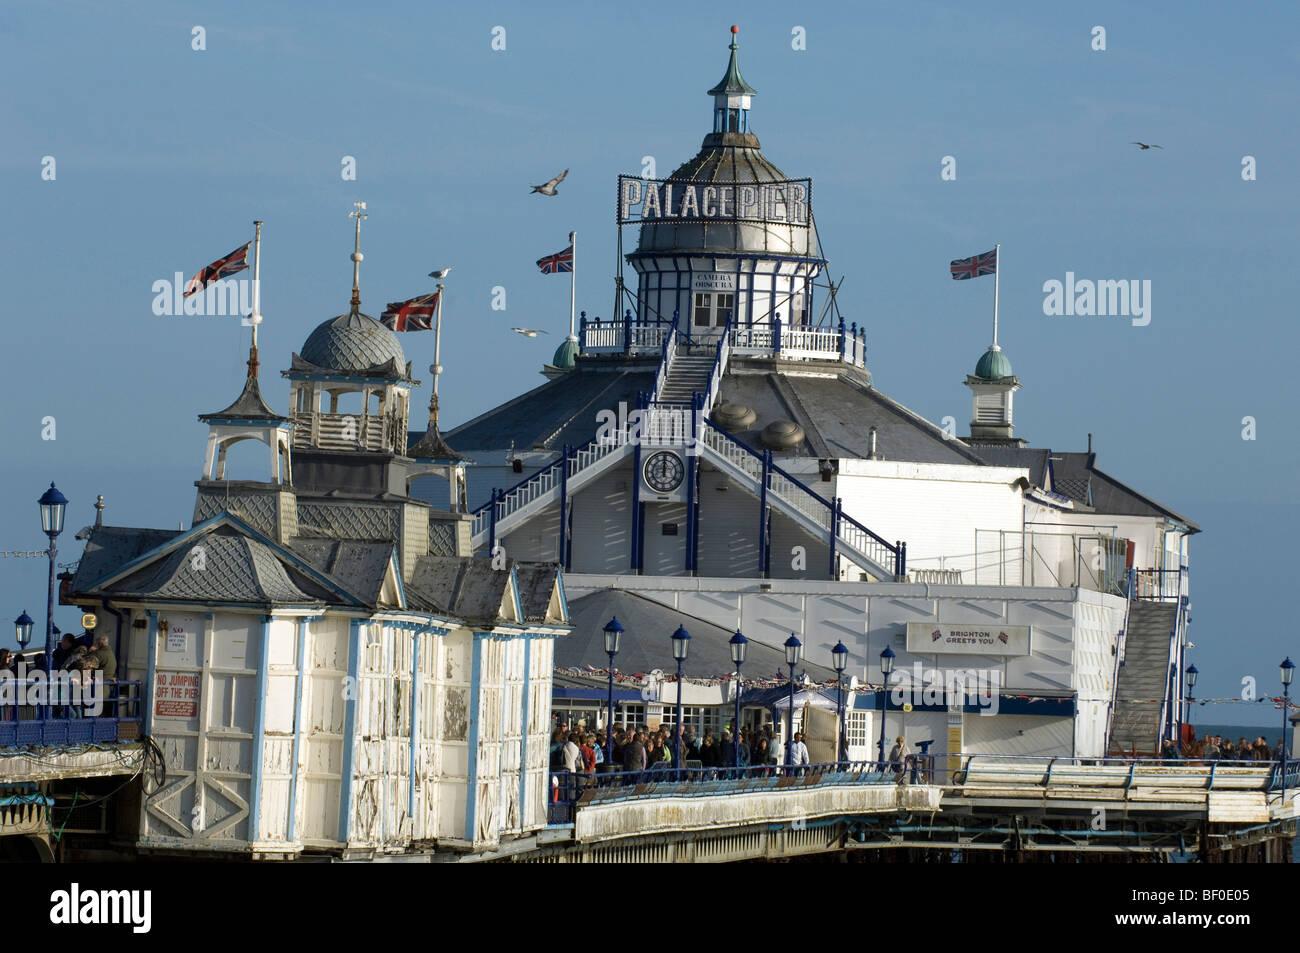 Eastbourne Pier Maskeraden als Brighton Palace Pier für die 2009 Lage Dreharbeiten einer 1960er-Jahre-Version Stockbild